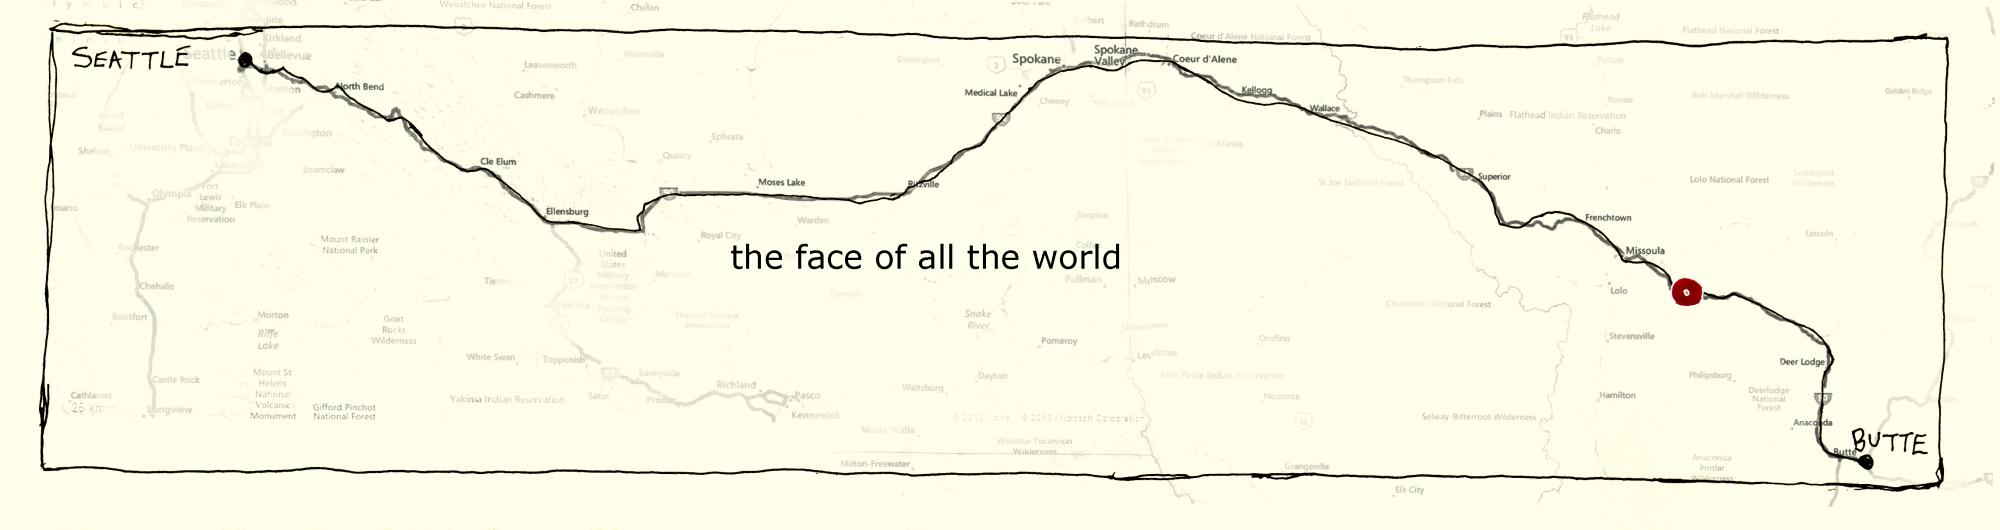 406 map